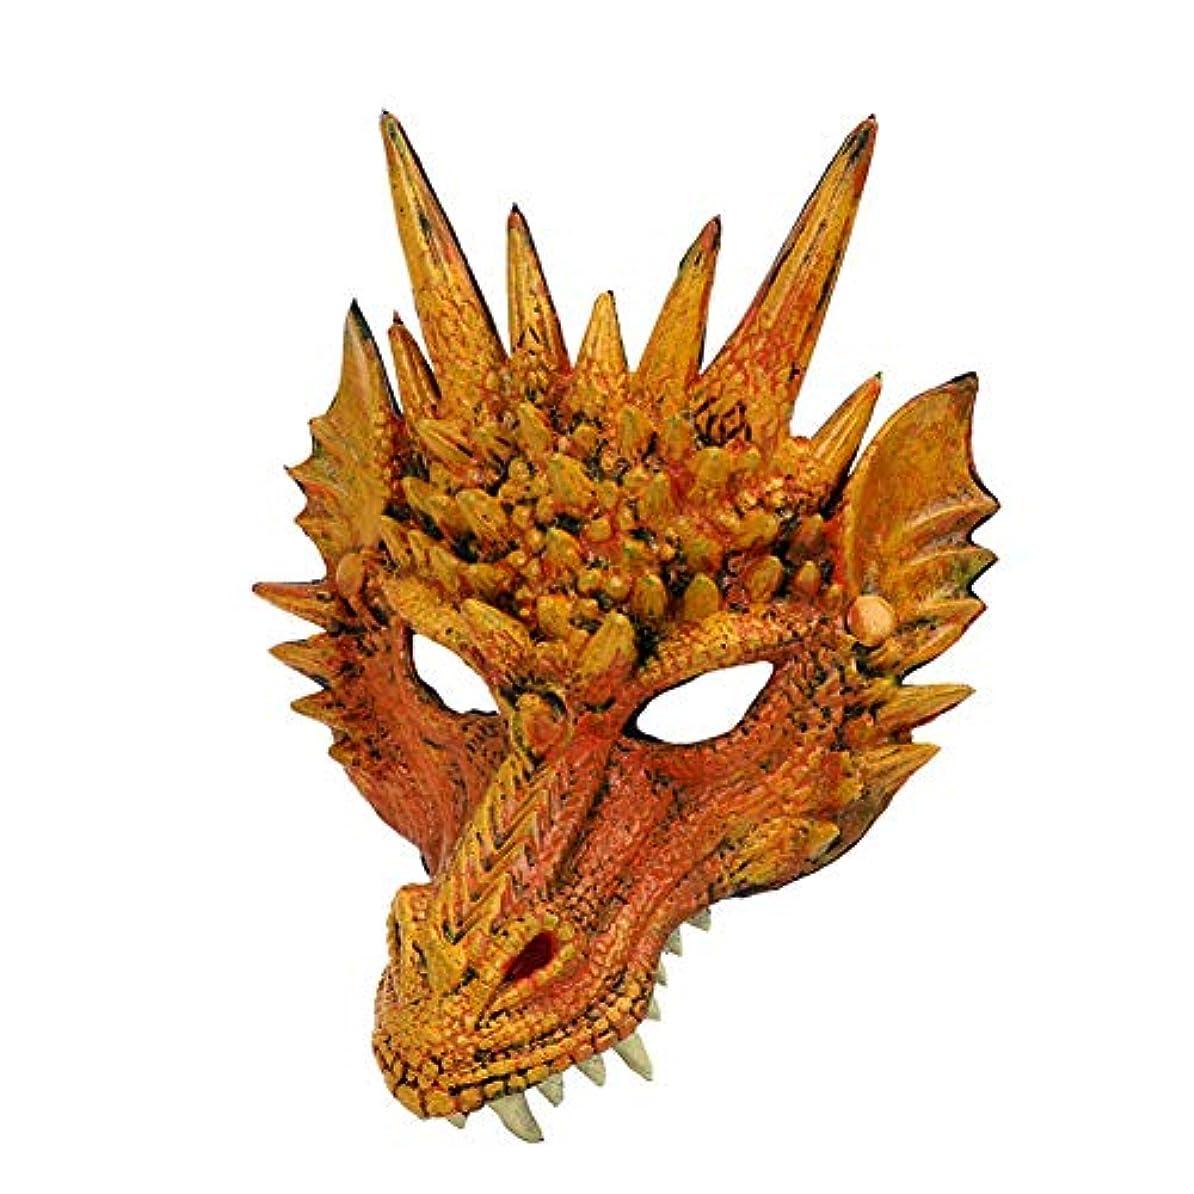 怠ベッド酔っ払いEsolom 4Dドラゴンマスク ハーフマスク 10代の子供のためのハロウィンコスチューム パーティーの装飾 テーマパーティー用品 ドラゴンコスプレ小道具